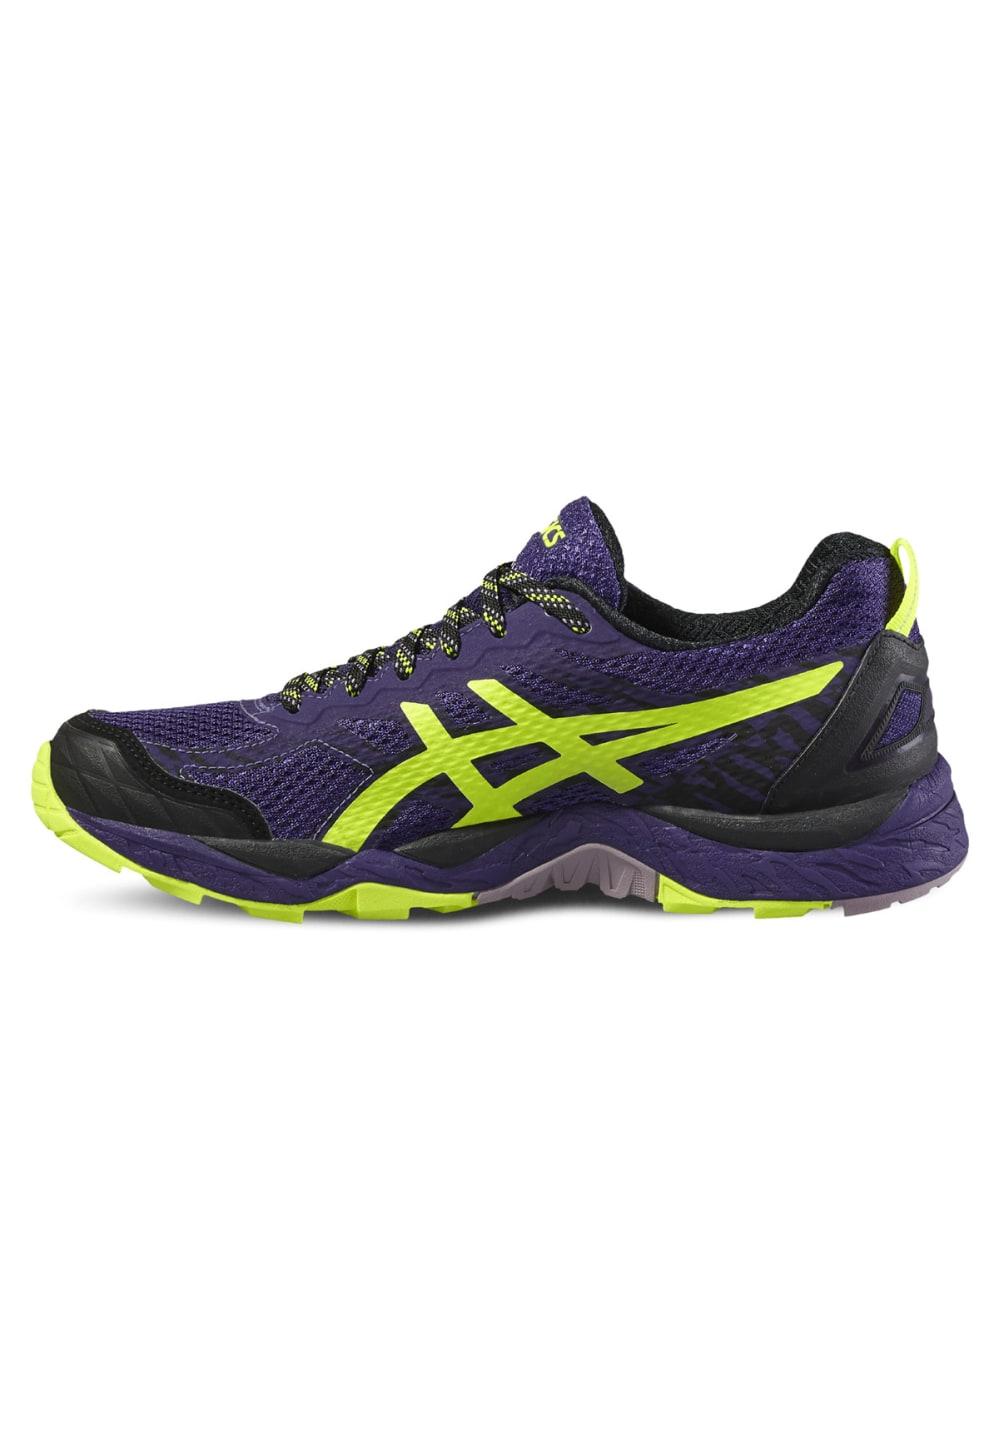 Femme 5 Pour Running Chaussures Noir G Tx Gel Asics Fujitrabuco tdCxQshr